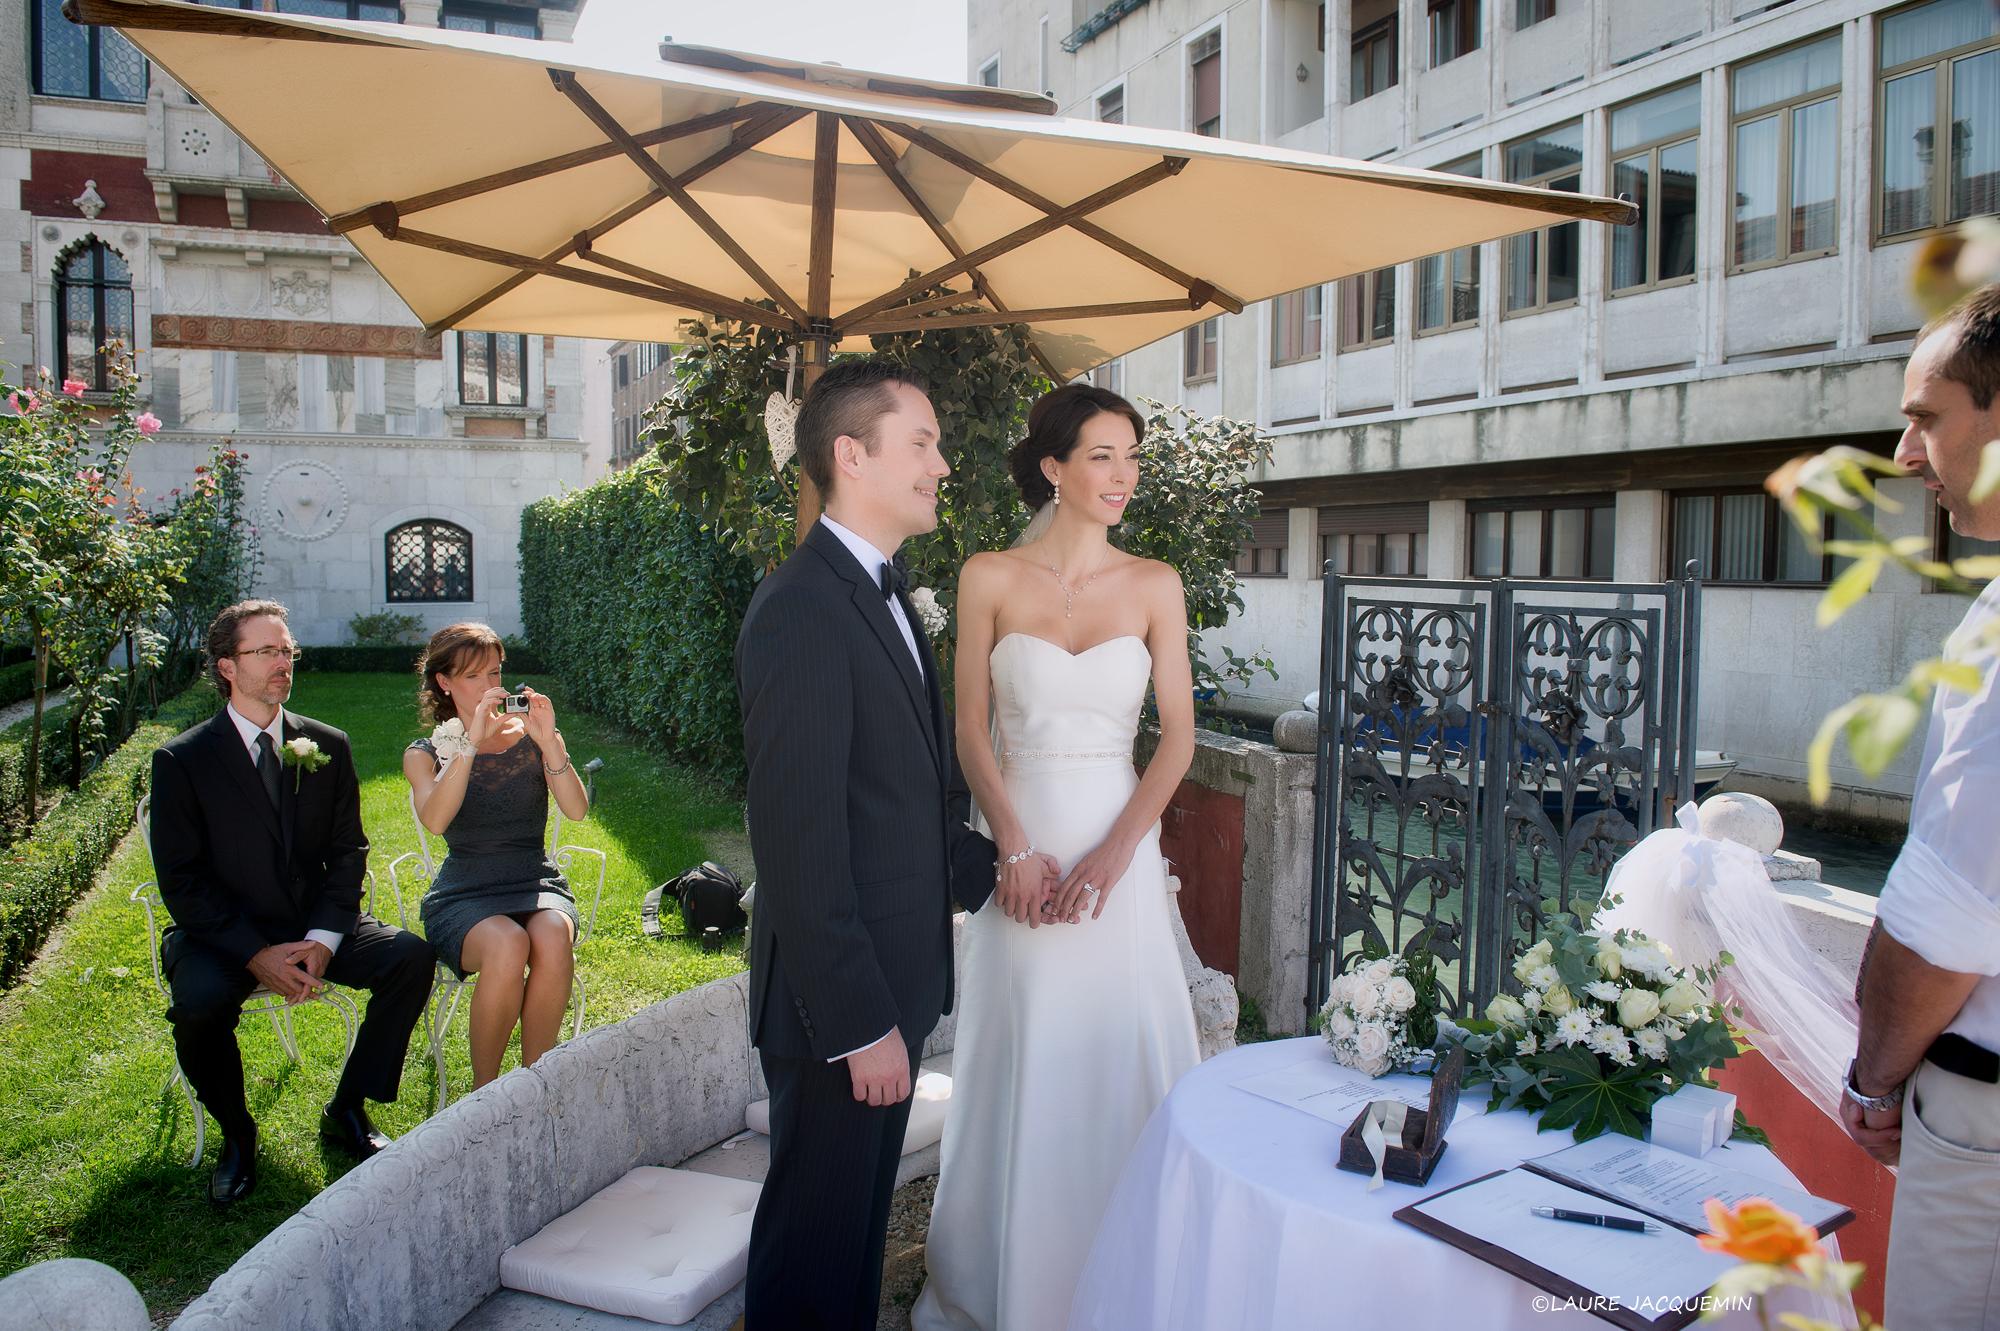 venise mariage photographe laure Jacquemin simbolique jardin venitien gondole (75)